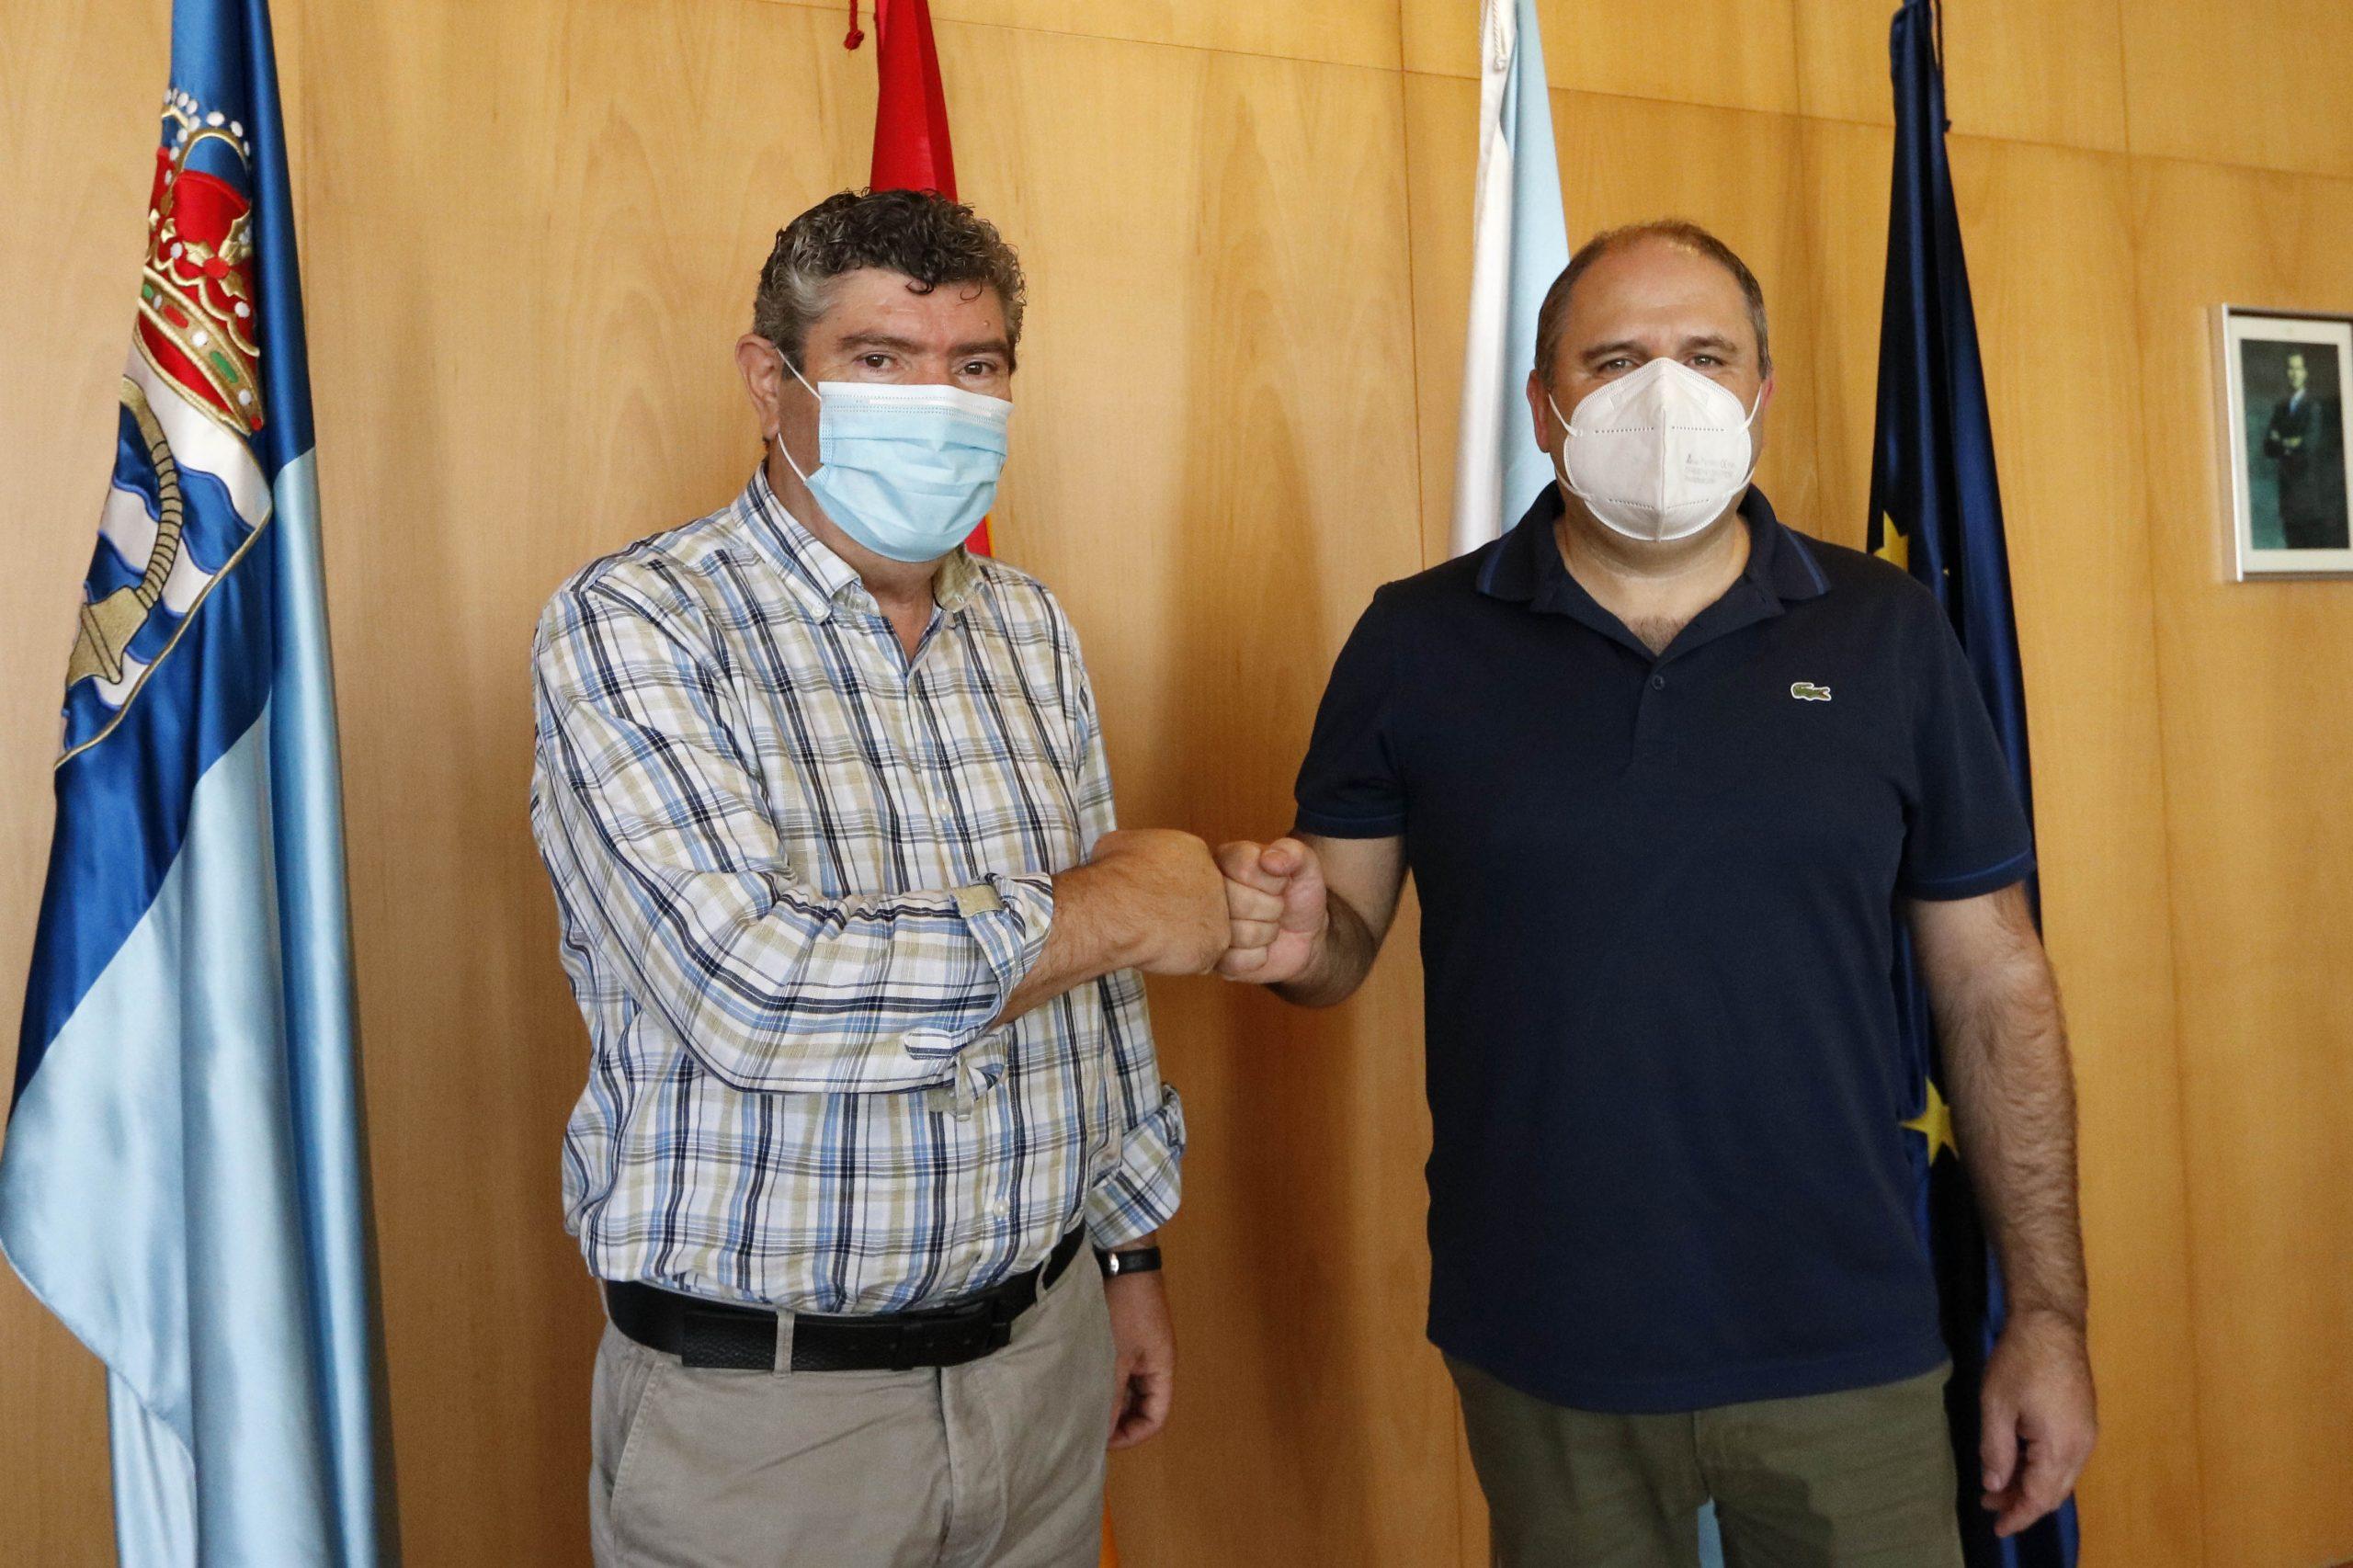 O Concello e Burela FS asinan un  convenio nominativo para a promoción turística do municipio